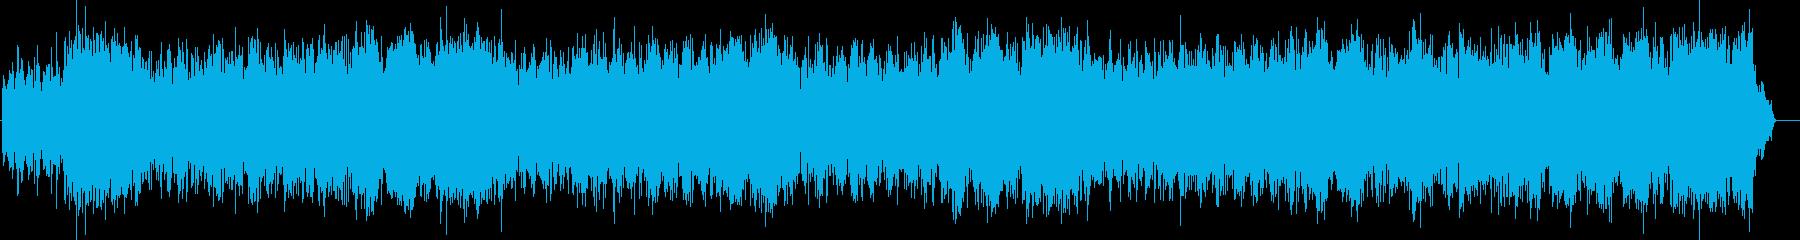 爽やかなアンサンブルのフュージョンの再生済みの波形